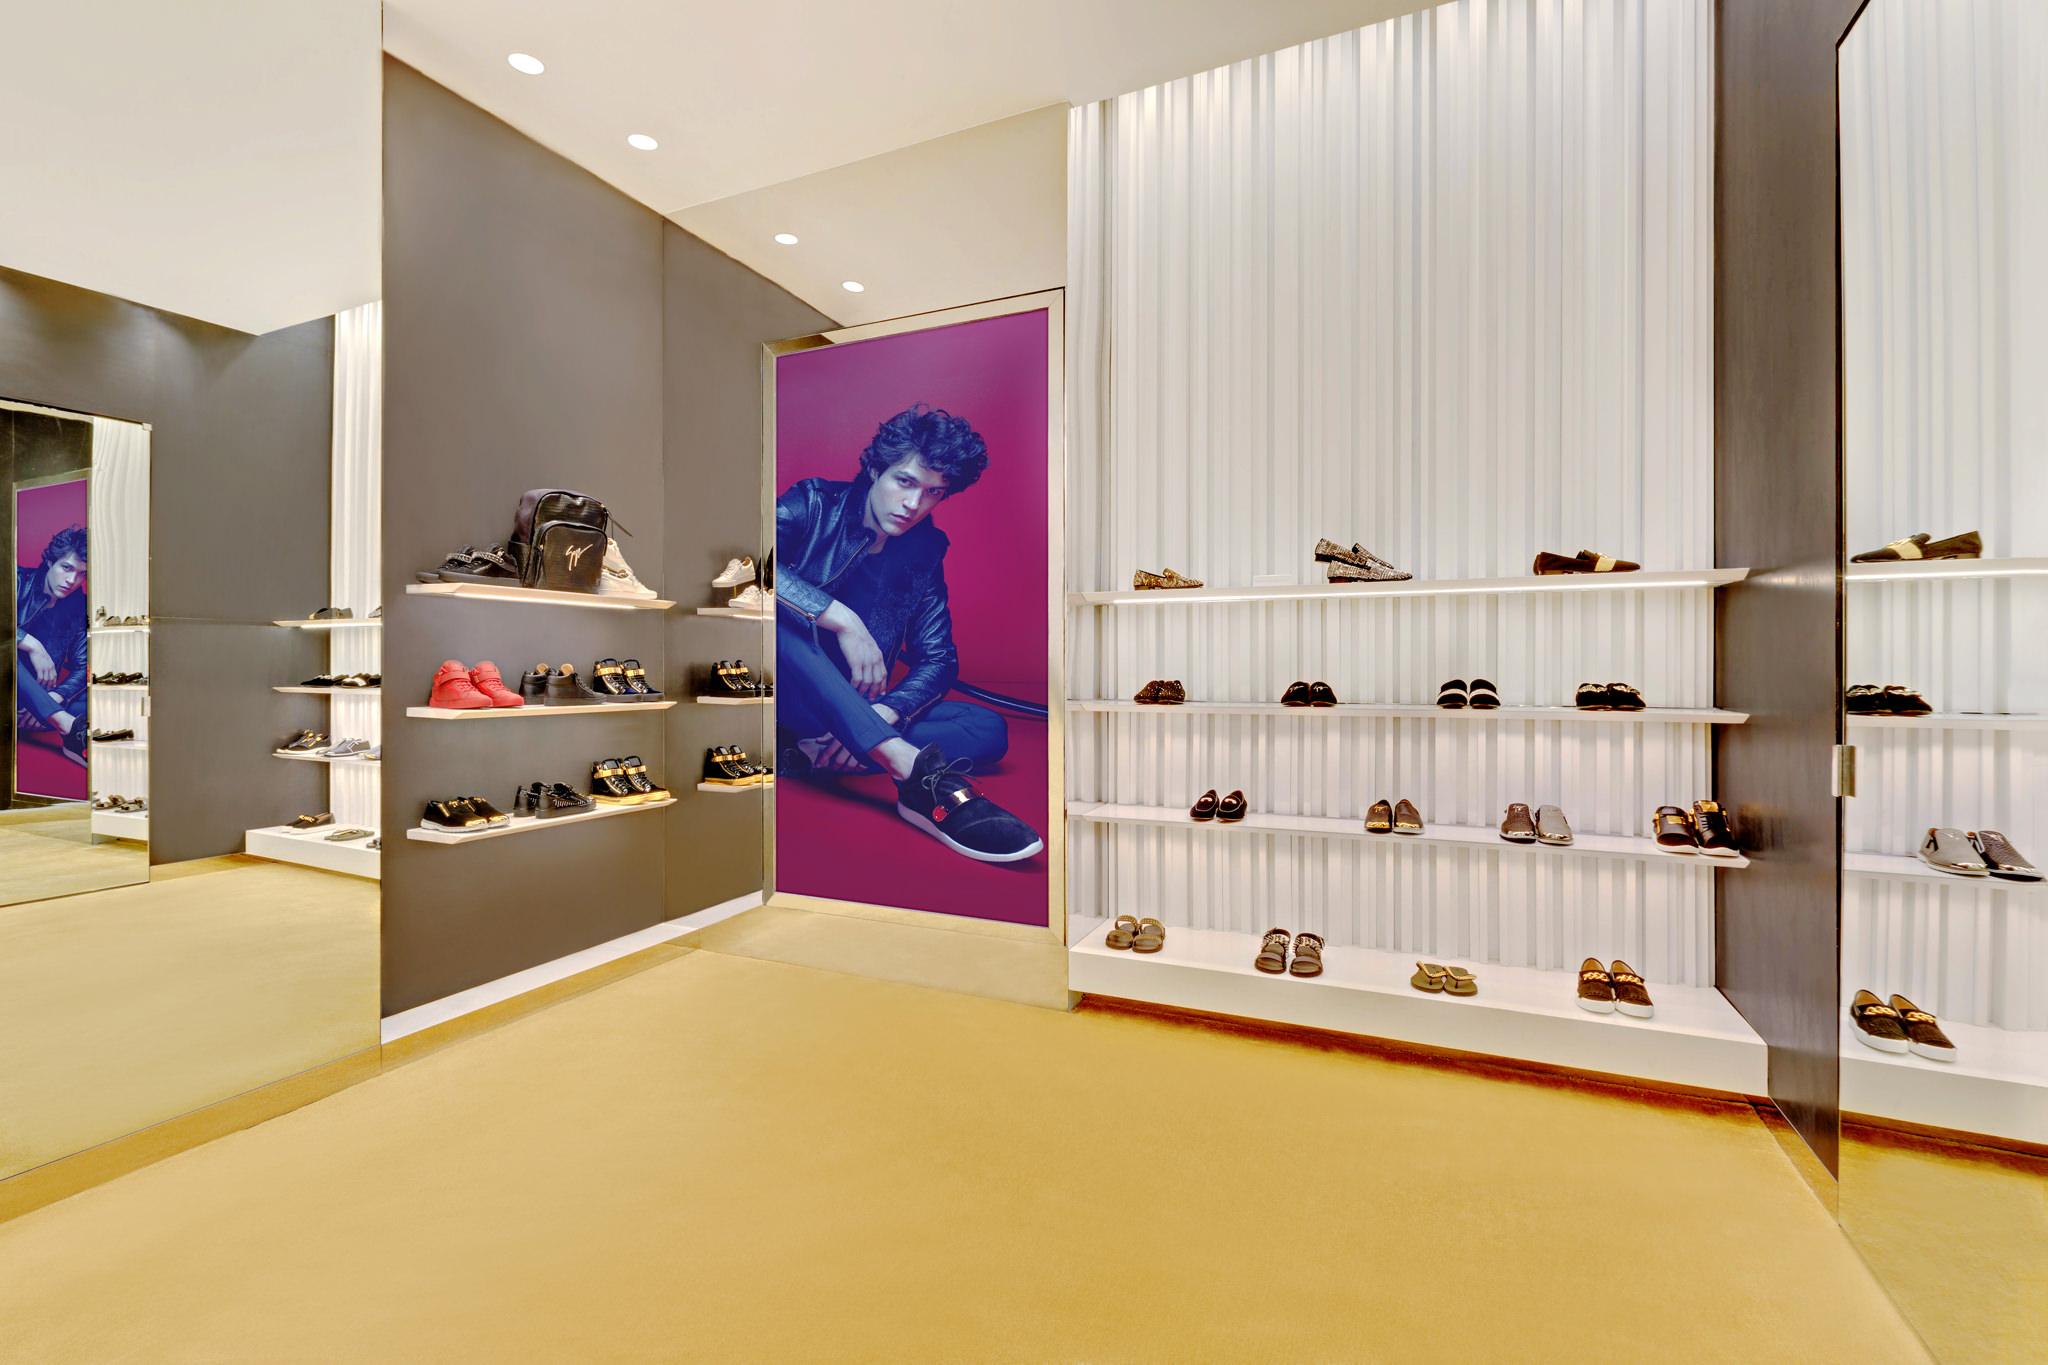 20170807 - Giuseppe Zanotti - HCM - Commercial - Interior - Store - Retouch 08.jpg